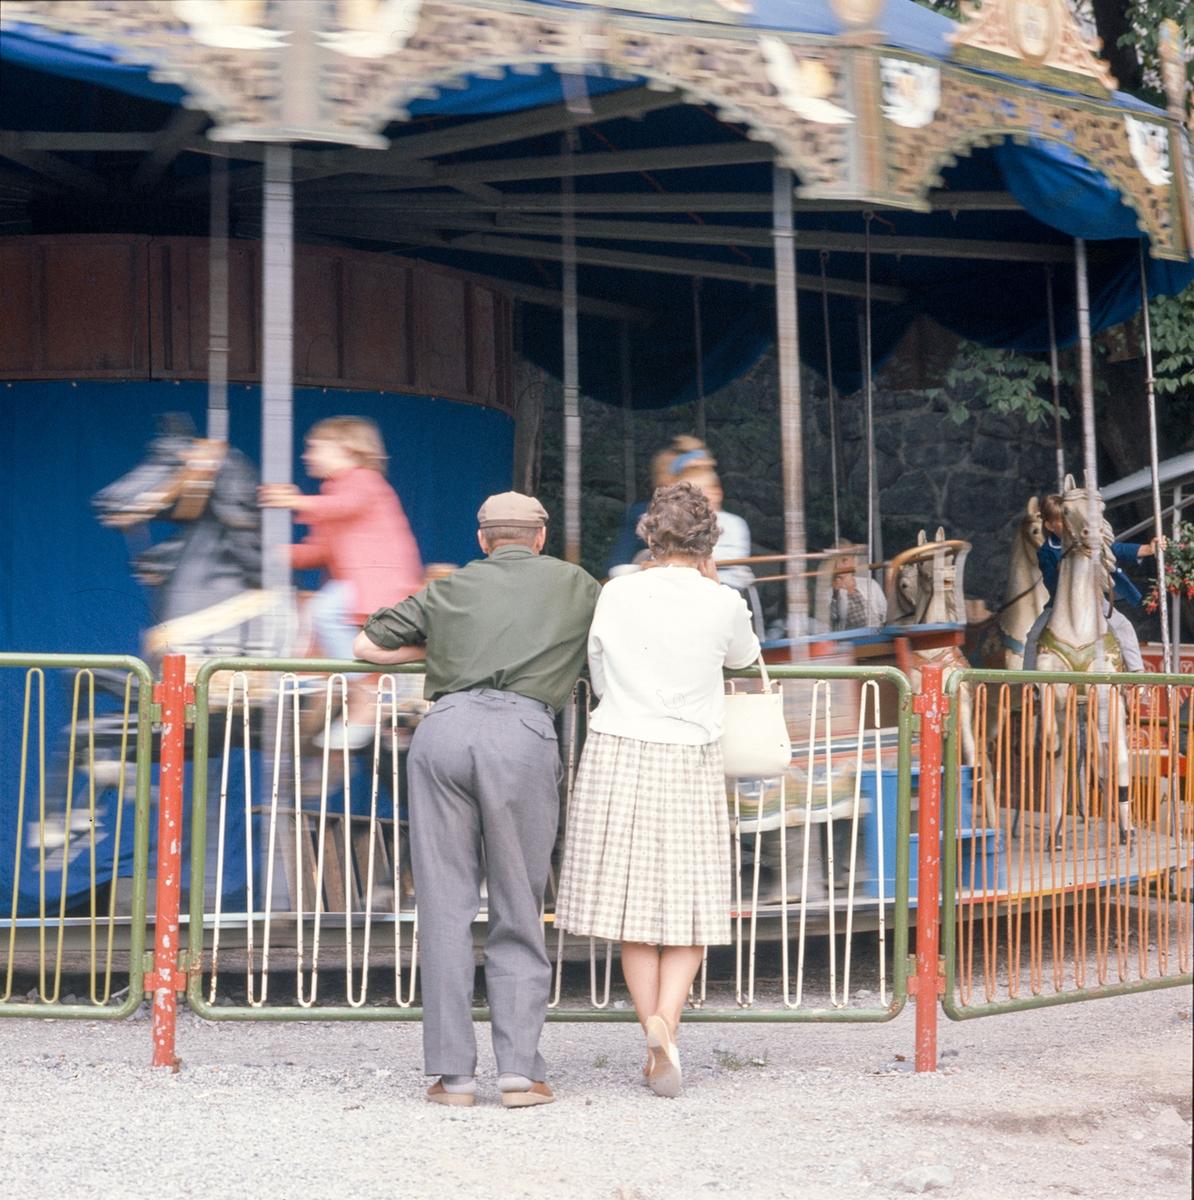 Ett äldre par betraktar barn som åker karusell.